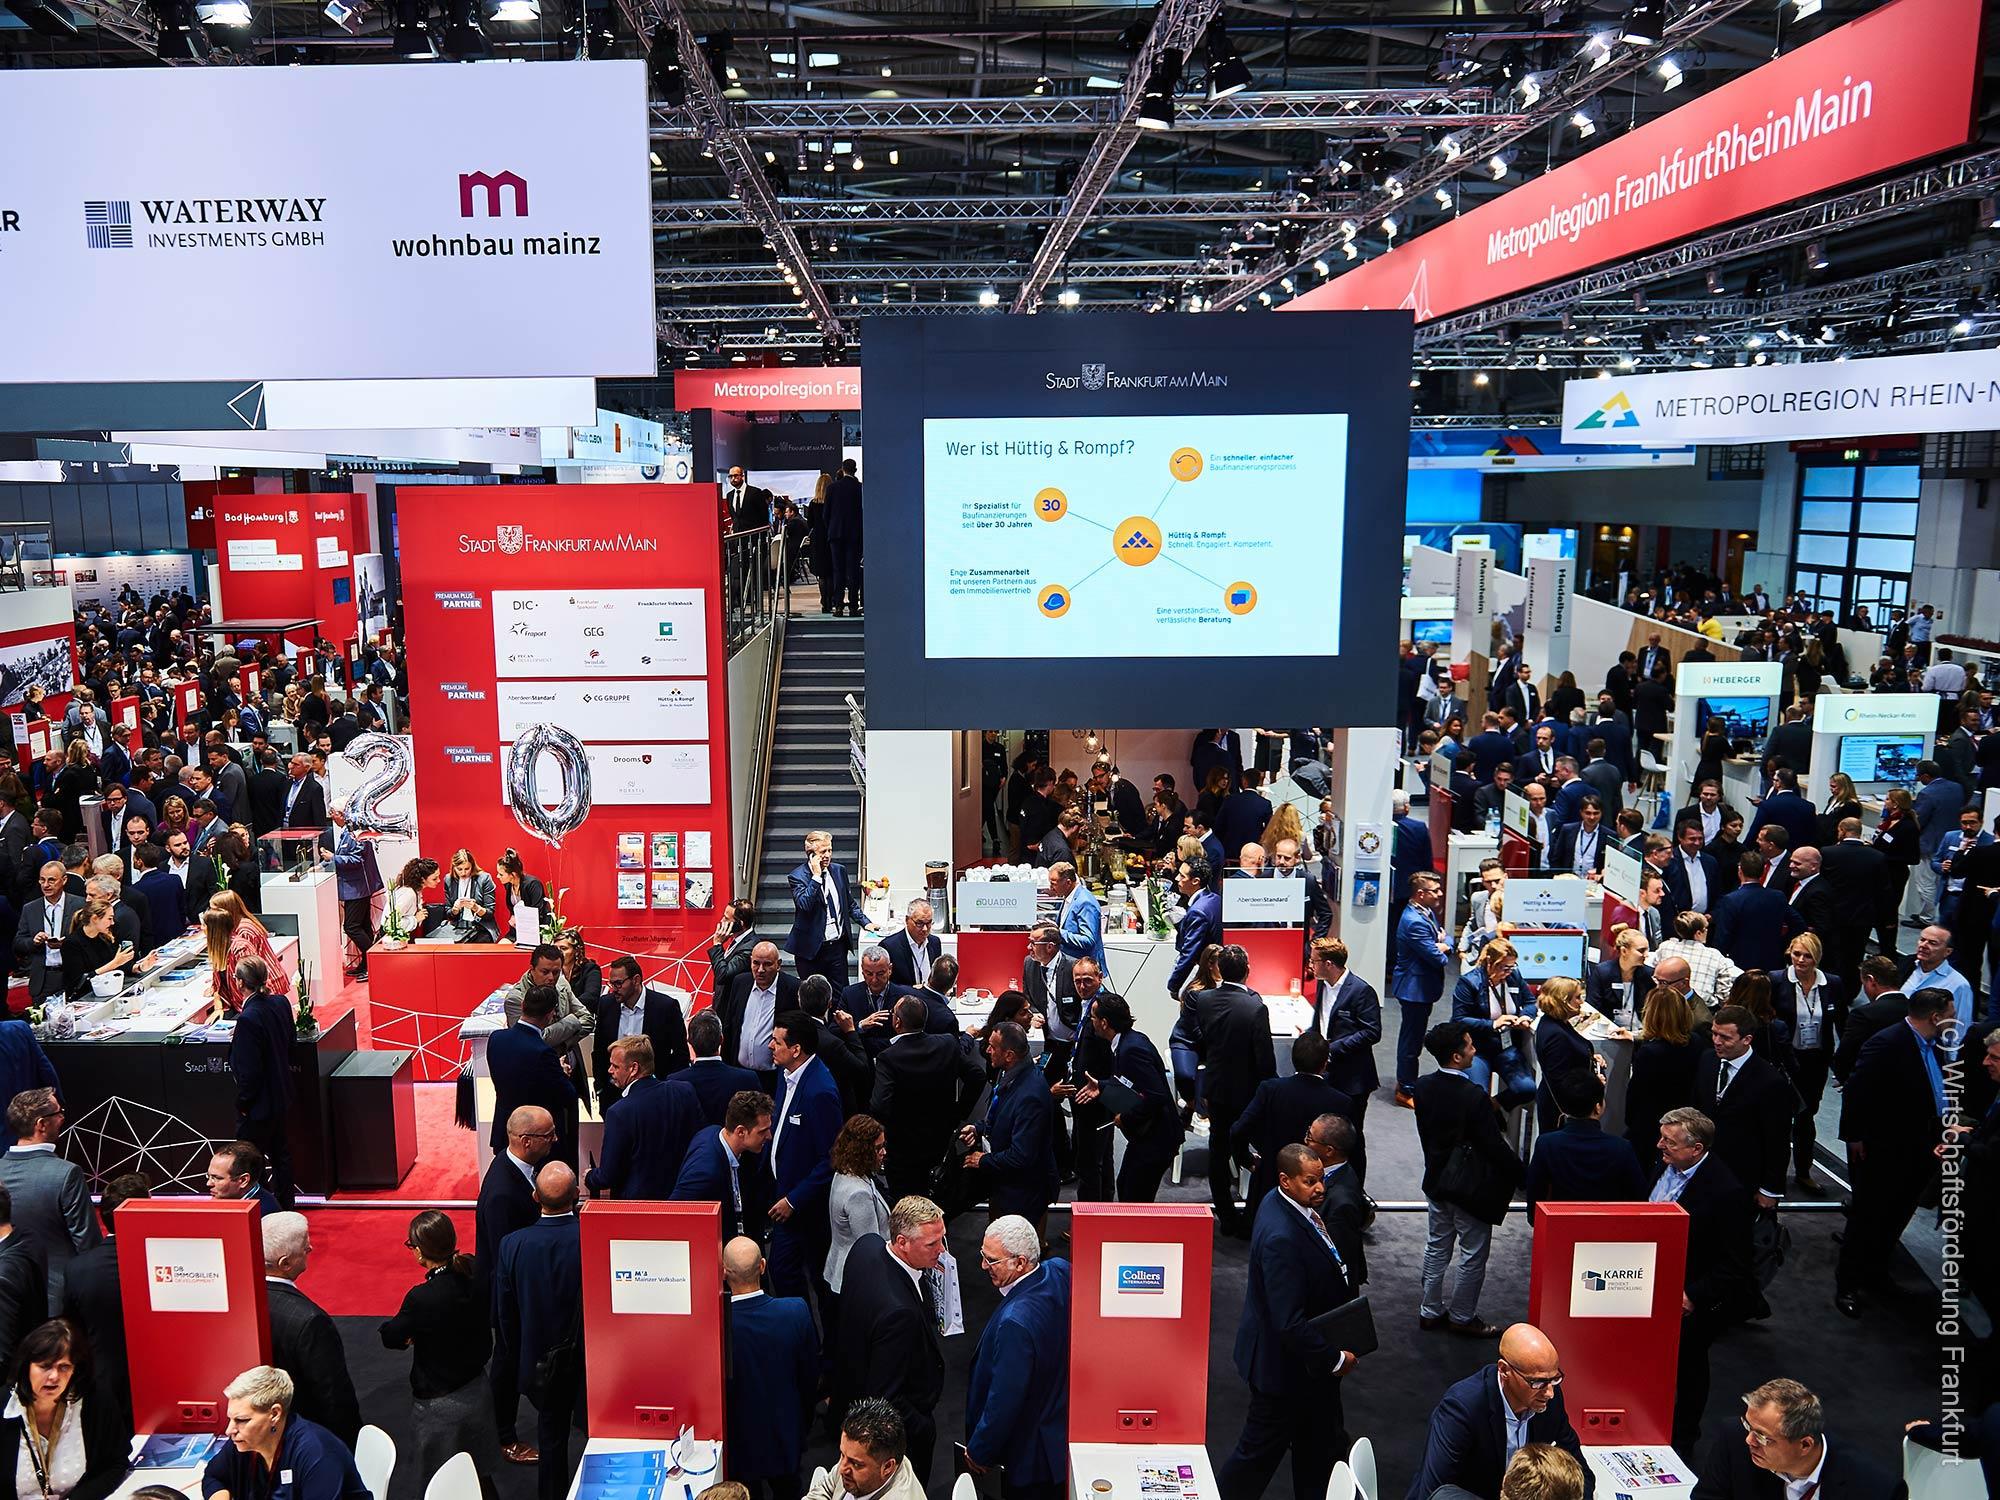 EXPO REAL in München - Messestand der Region Frankfurt Rhein Main - Gemeinschaftsstand der Wirtschaftsförderung Frankfurt